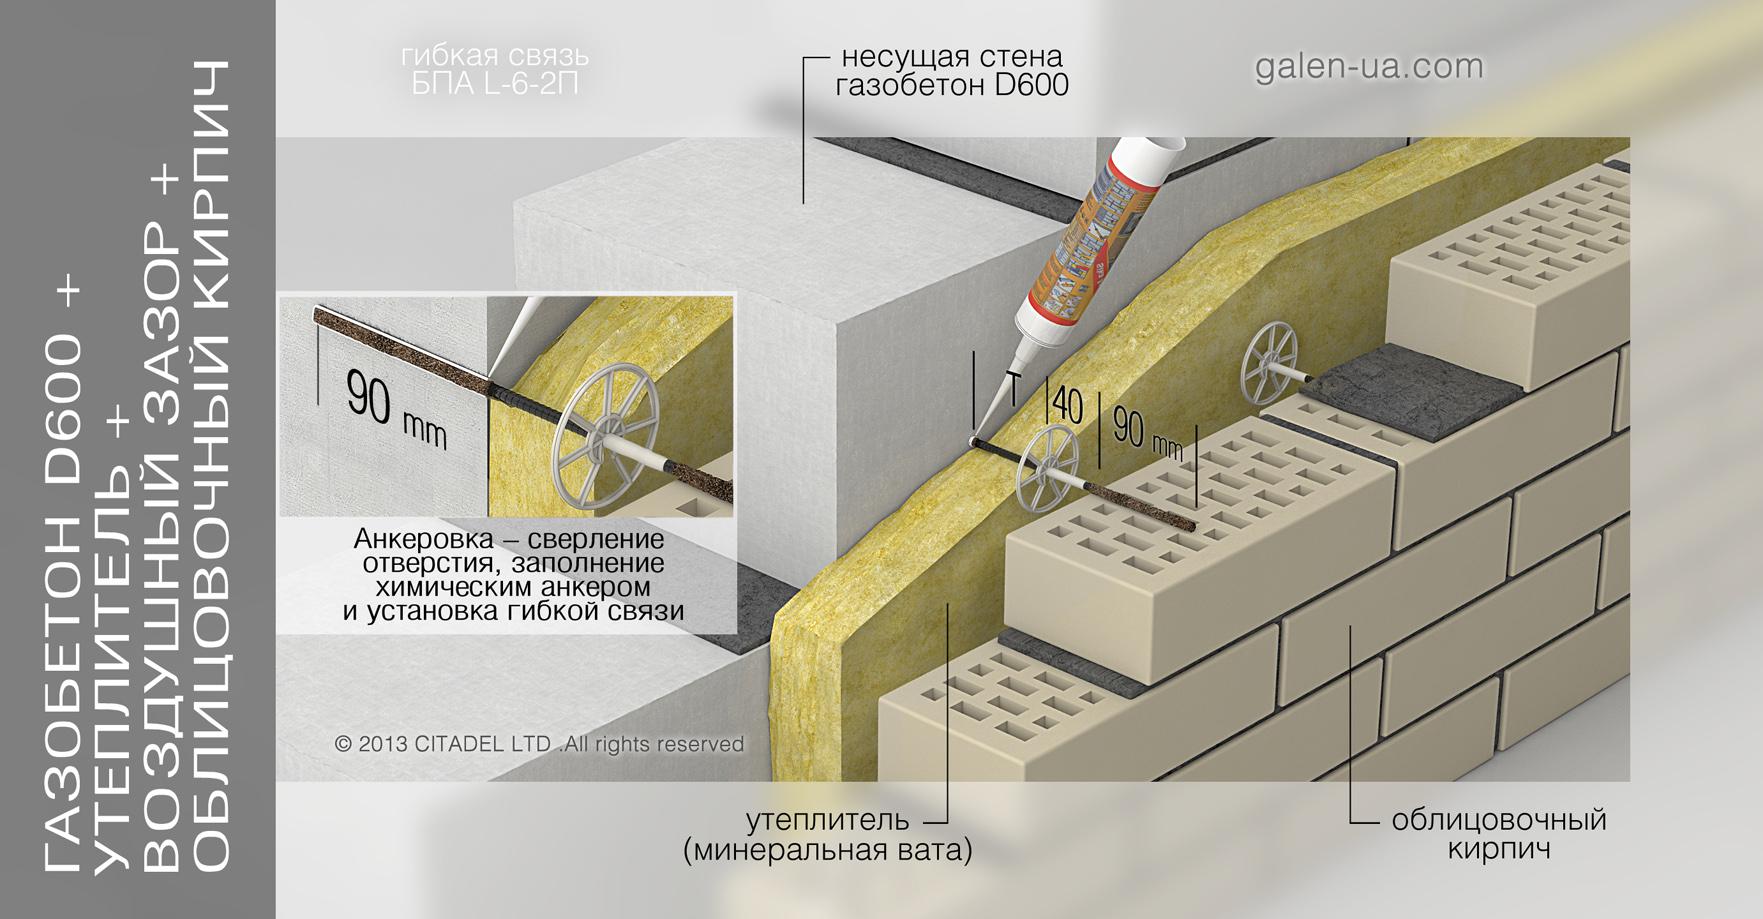 Гибкая связь БПА L-6-2П: Газобетон D600 + Утеплитель + Воздушеный зазор + Облицовочный кирпич